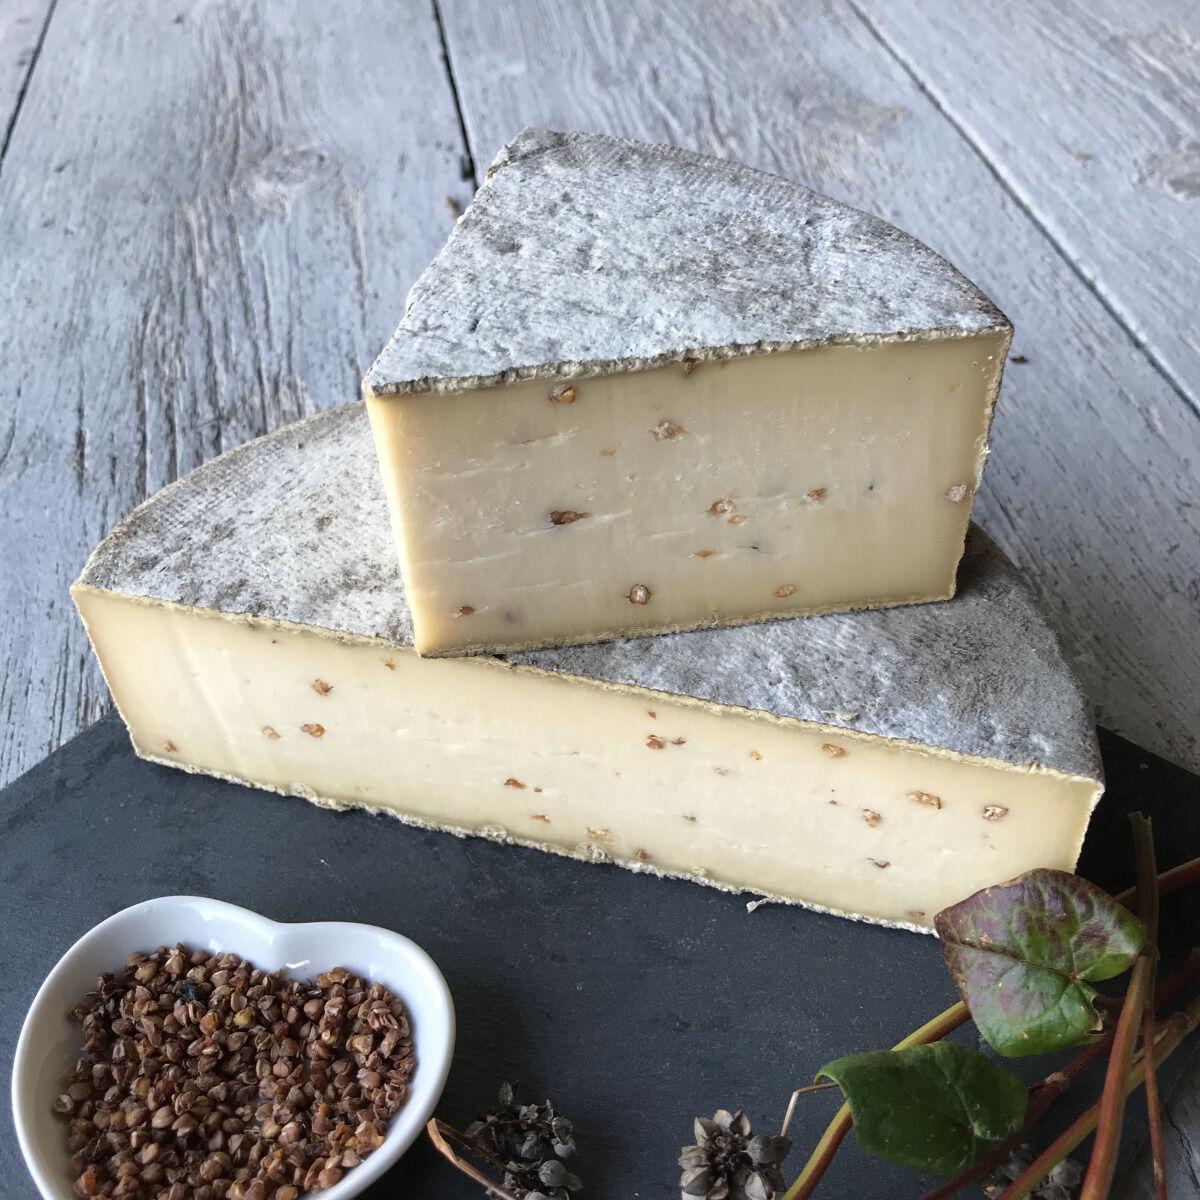 Les Fermes Vaumadeuc Tomme au Sarrasin- Au lait cru entier de vache- affinage 2 mois- 420g